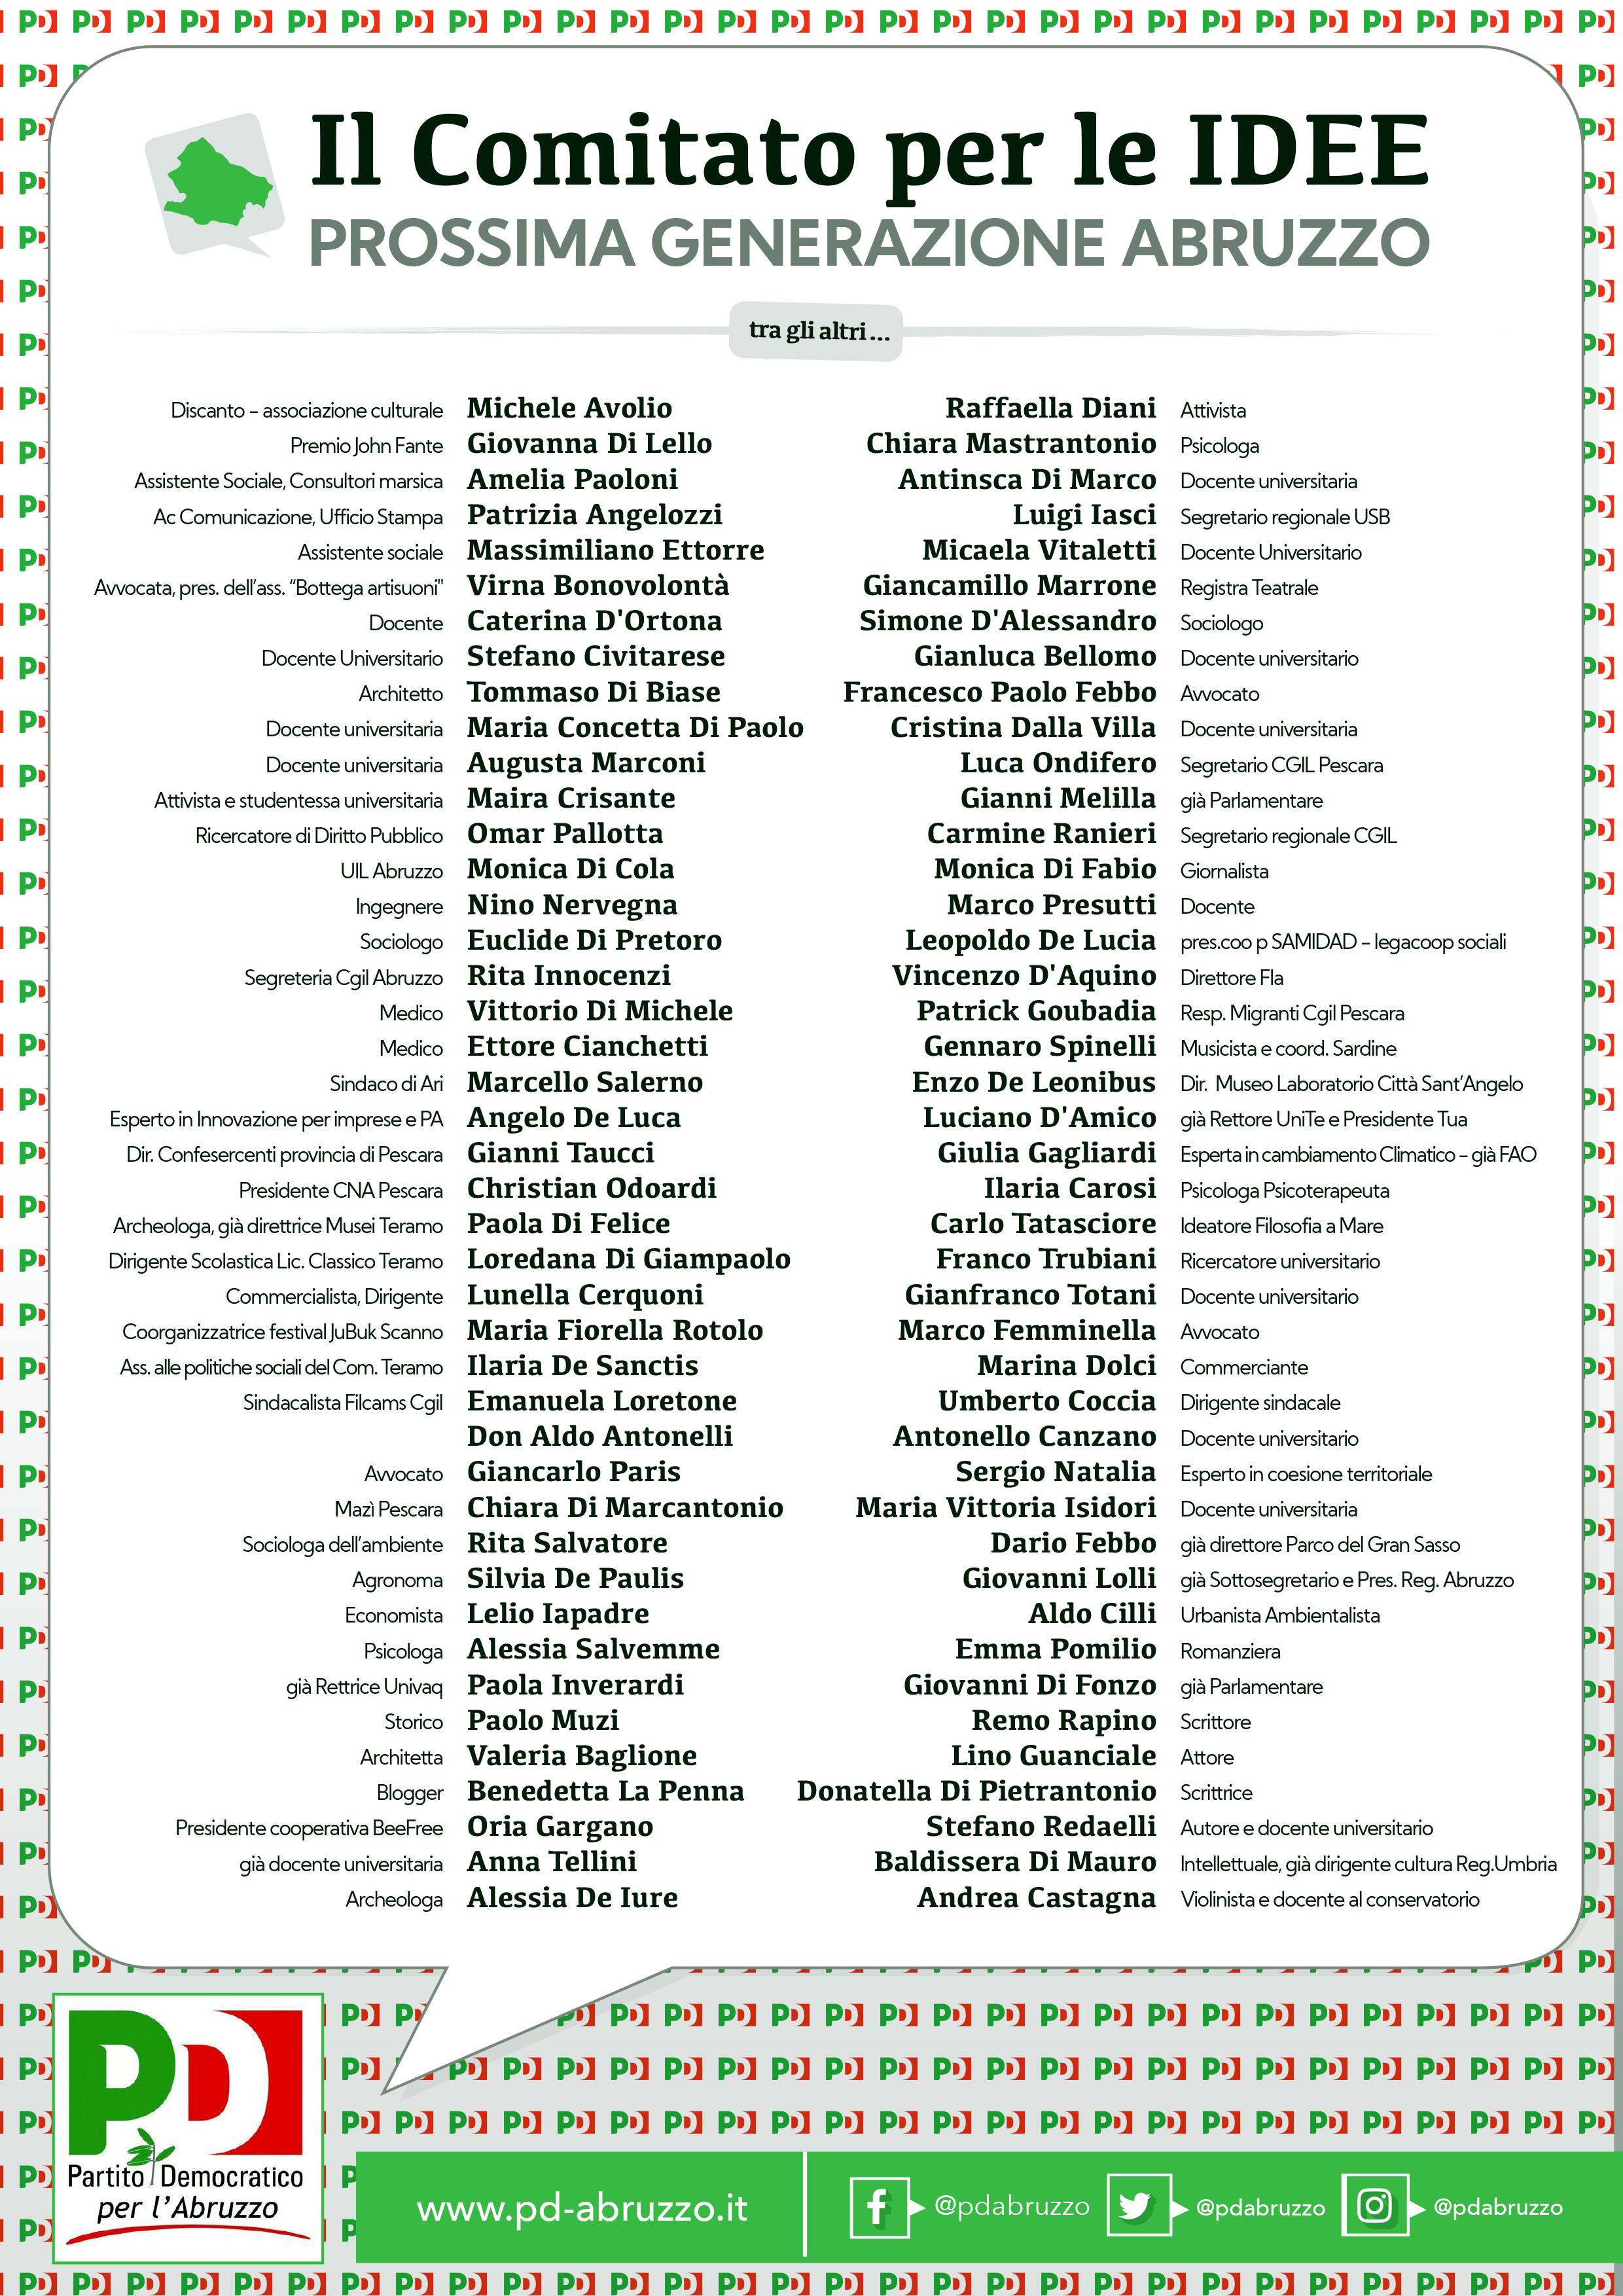 Ecco il Comitato per le idee del PD Abruzzo, 85 personalità quasi tutte esterne per il confronto sulle proposte. Ci sono gli scrittori Di Pietrantonio, Rapino e Pomilio, i sindacalisti Coccia, Ranieri e Goubadia, l'ex Rettrice Inverardi, il referente delle Sardine Spinelli